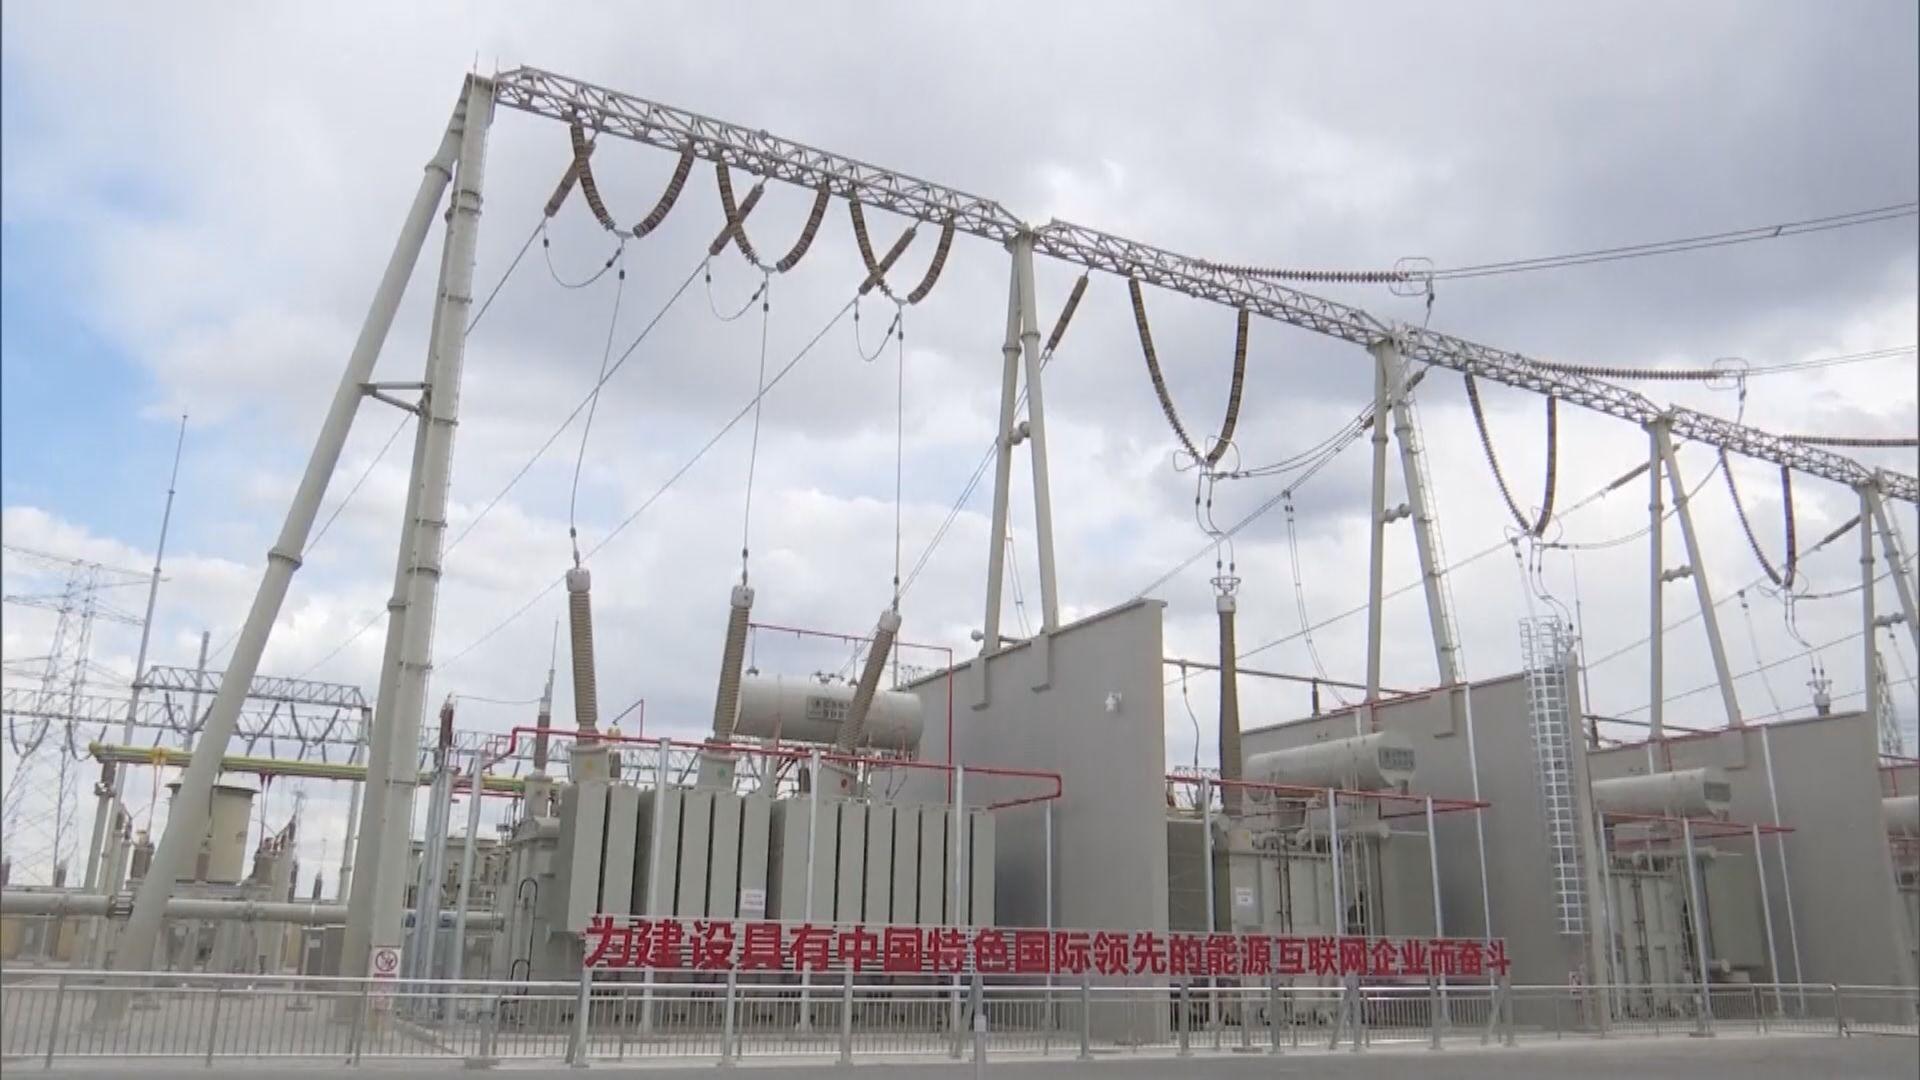 【限電措施】內地多地限電工廠停工 野村降經濟增長預測